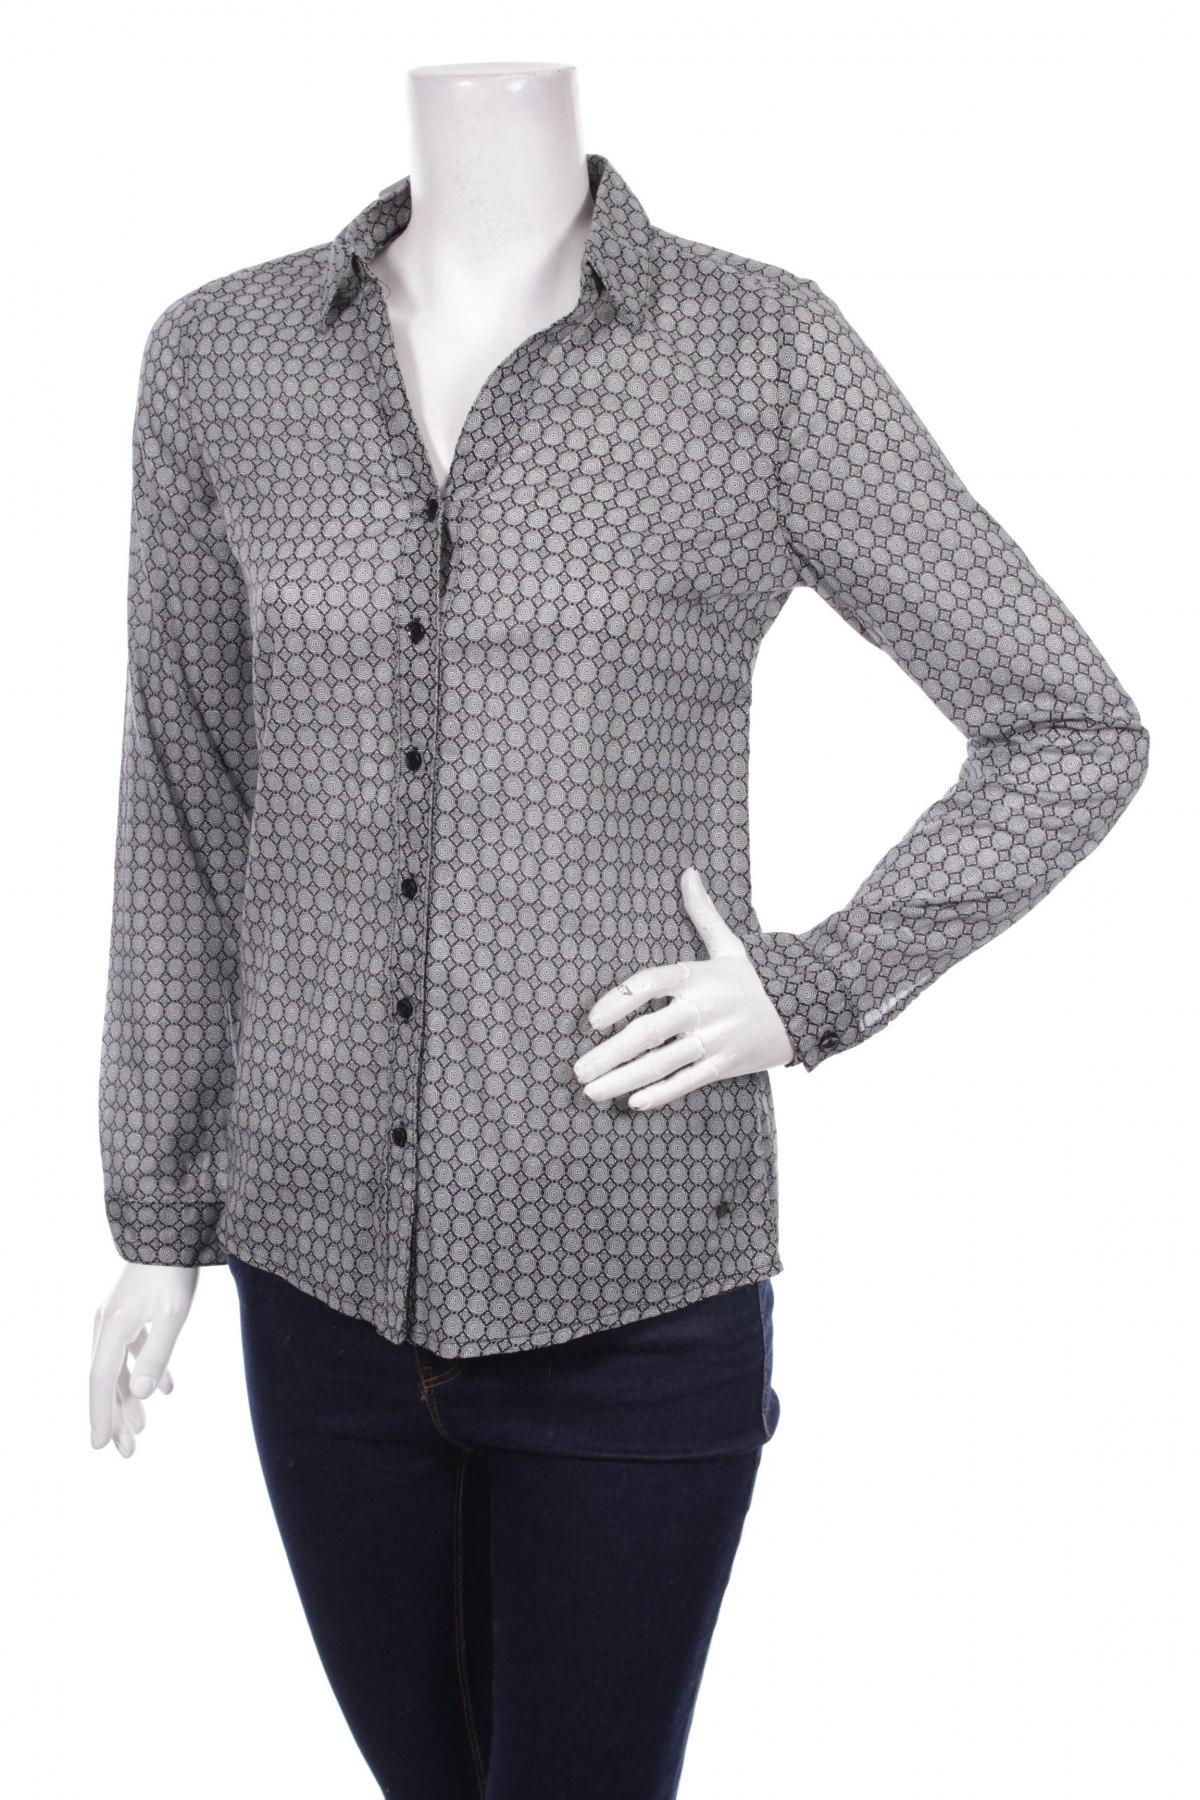 Γυναικείο πουκάμισο Zero, Μέγεθος XS, Χρώμα Μαύρο, Βαμβάκι, Τιμή 26,29€